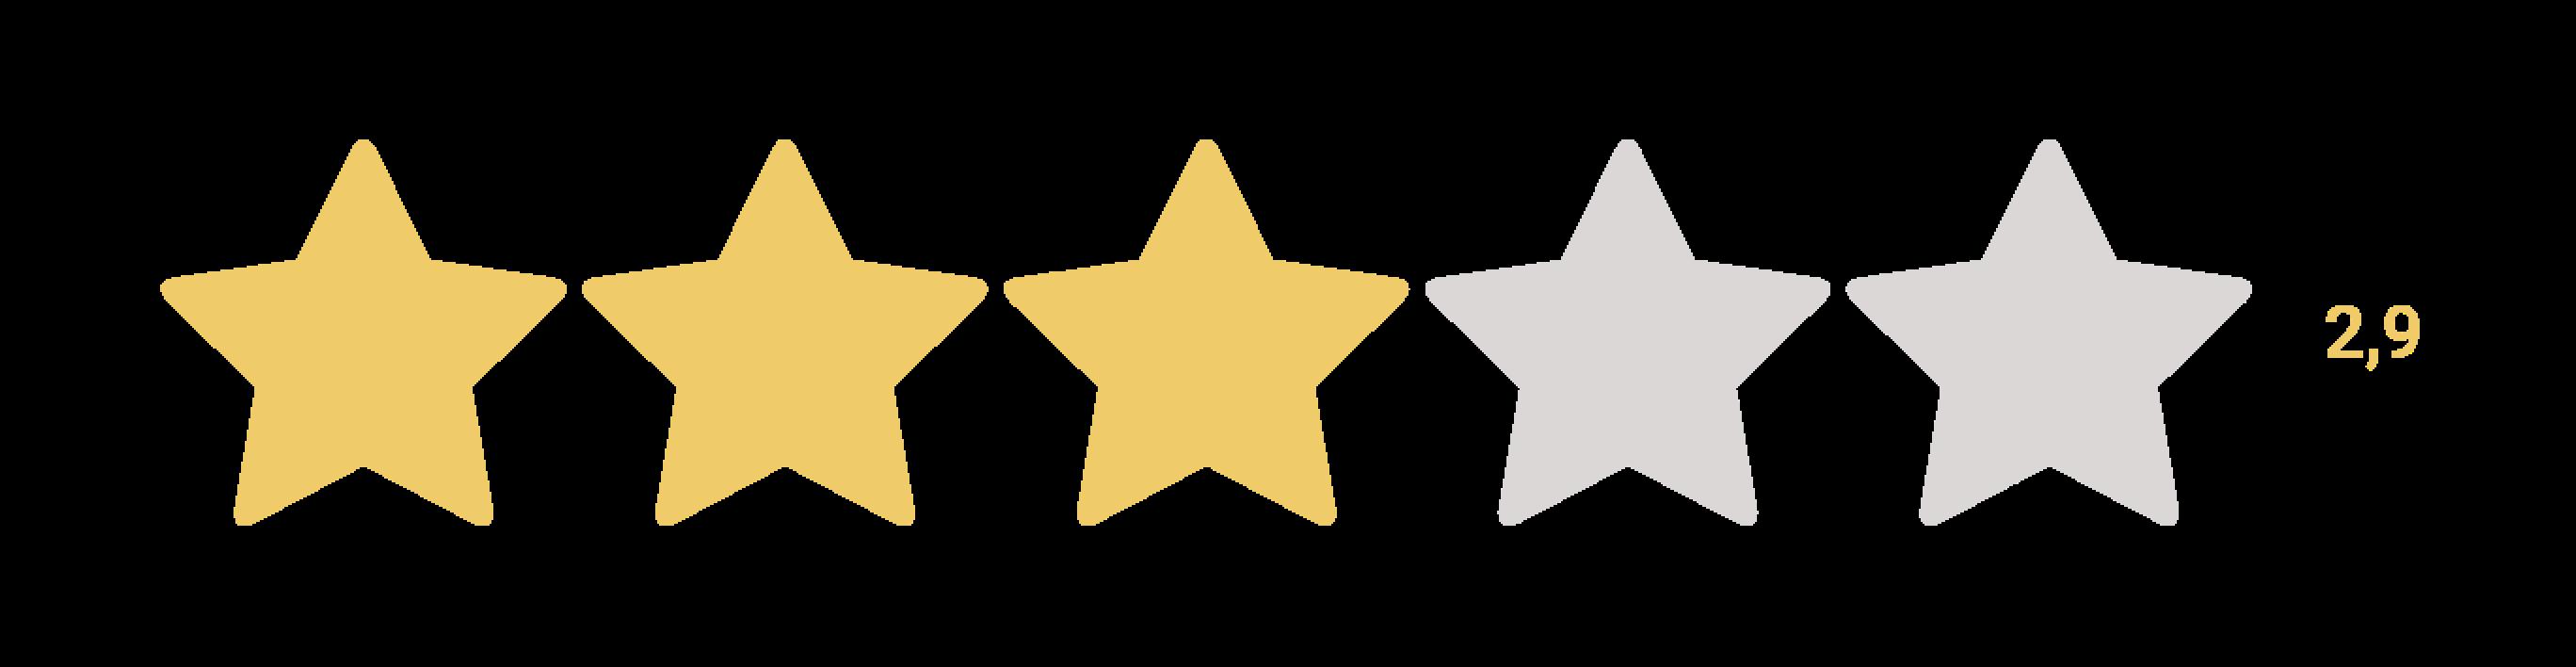 2,9 stelle su 5